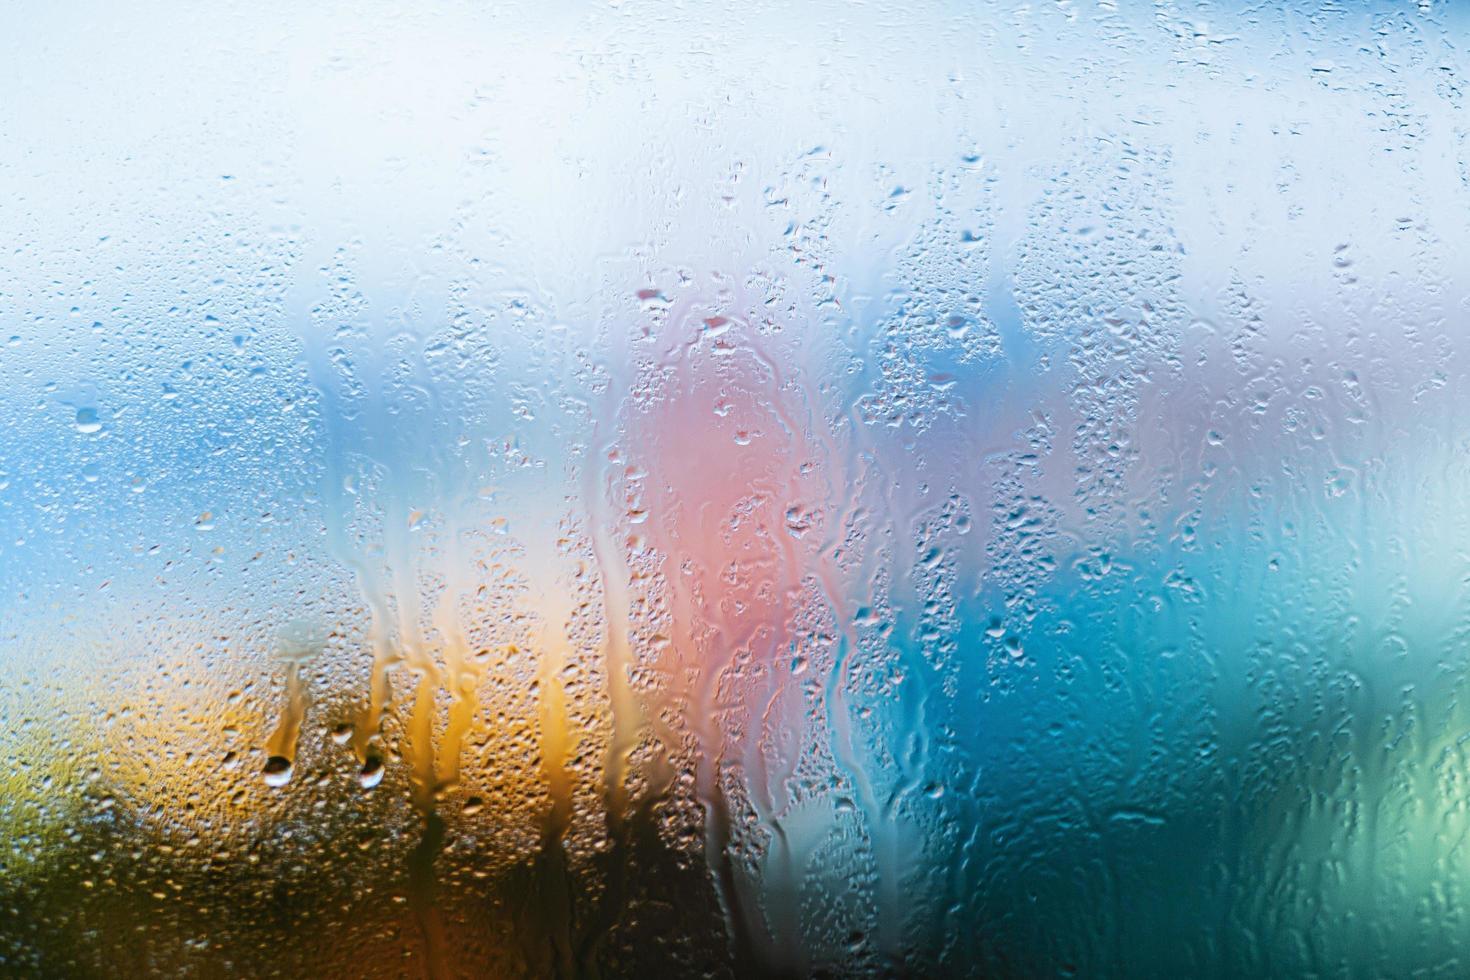 bakgrund regndroppar på nära håll foto